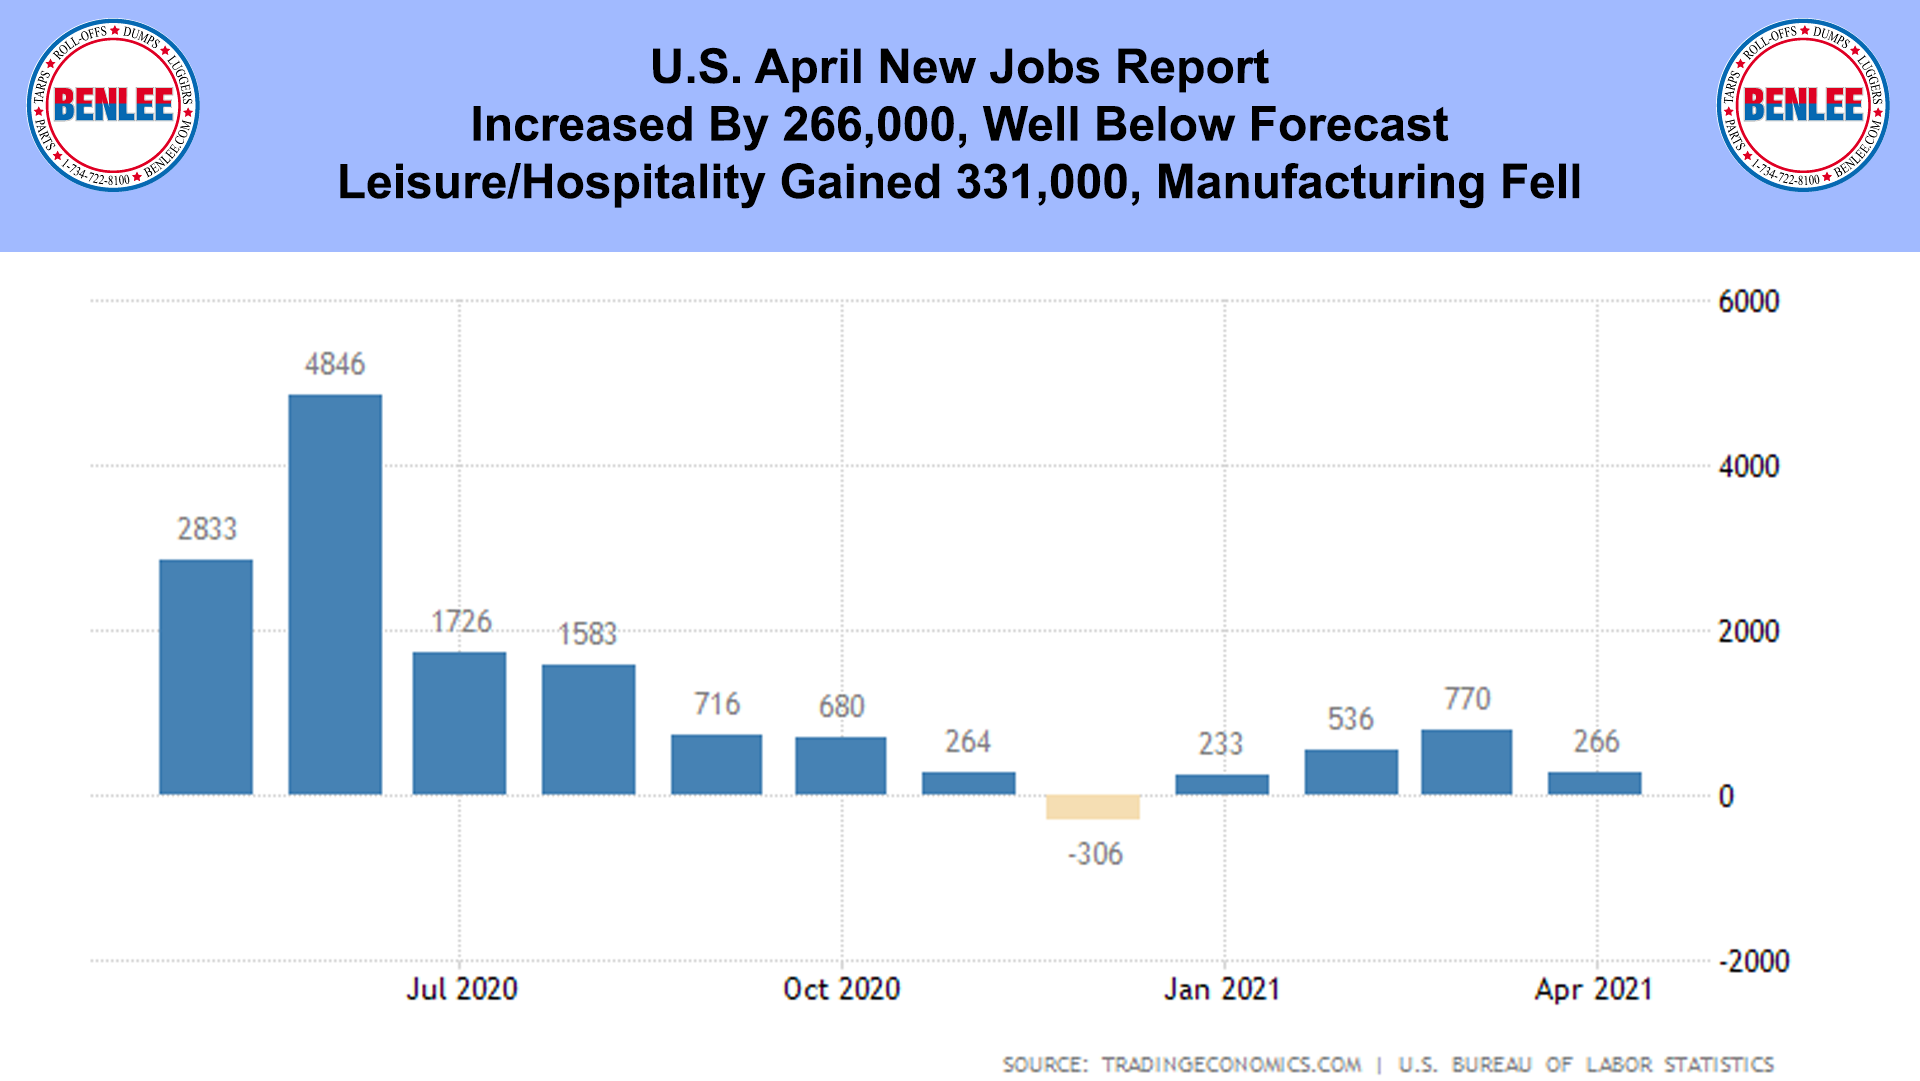 U.S. April New Jobs Report